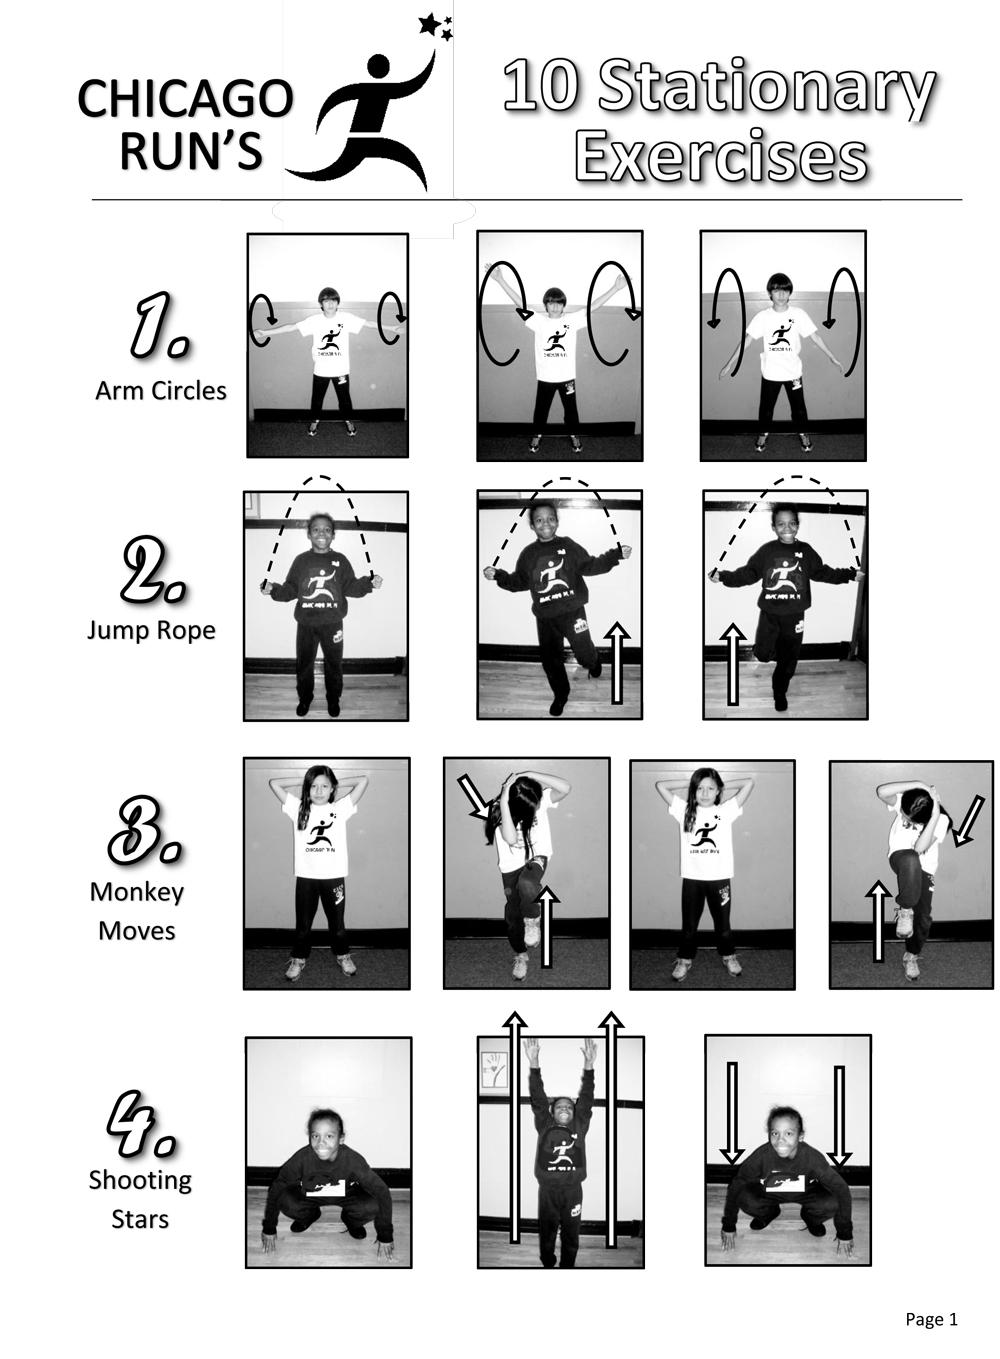 10-Stationary-Exercises.jpg